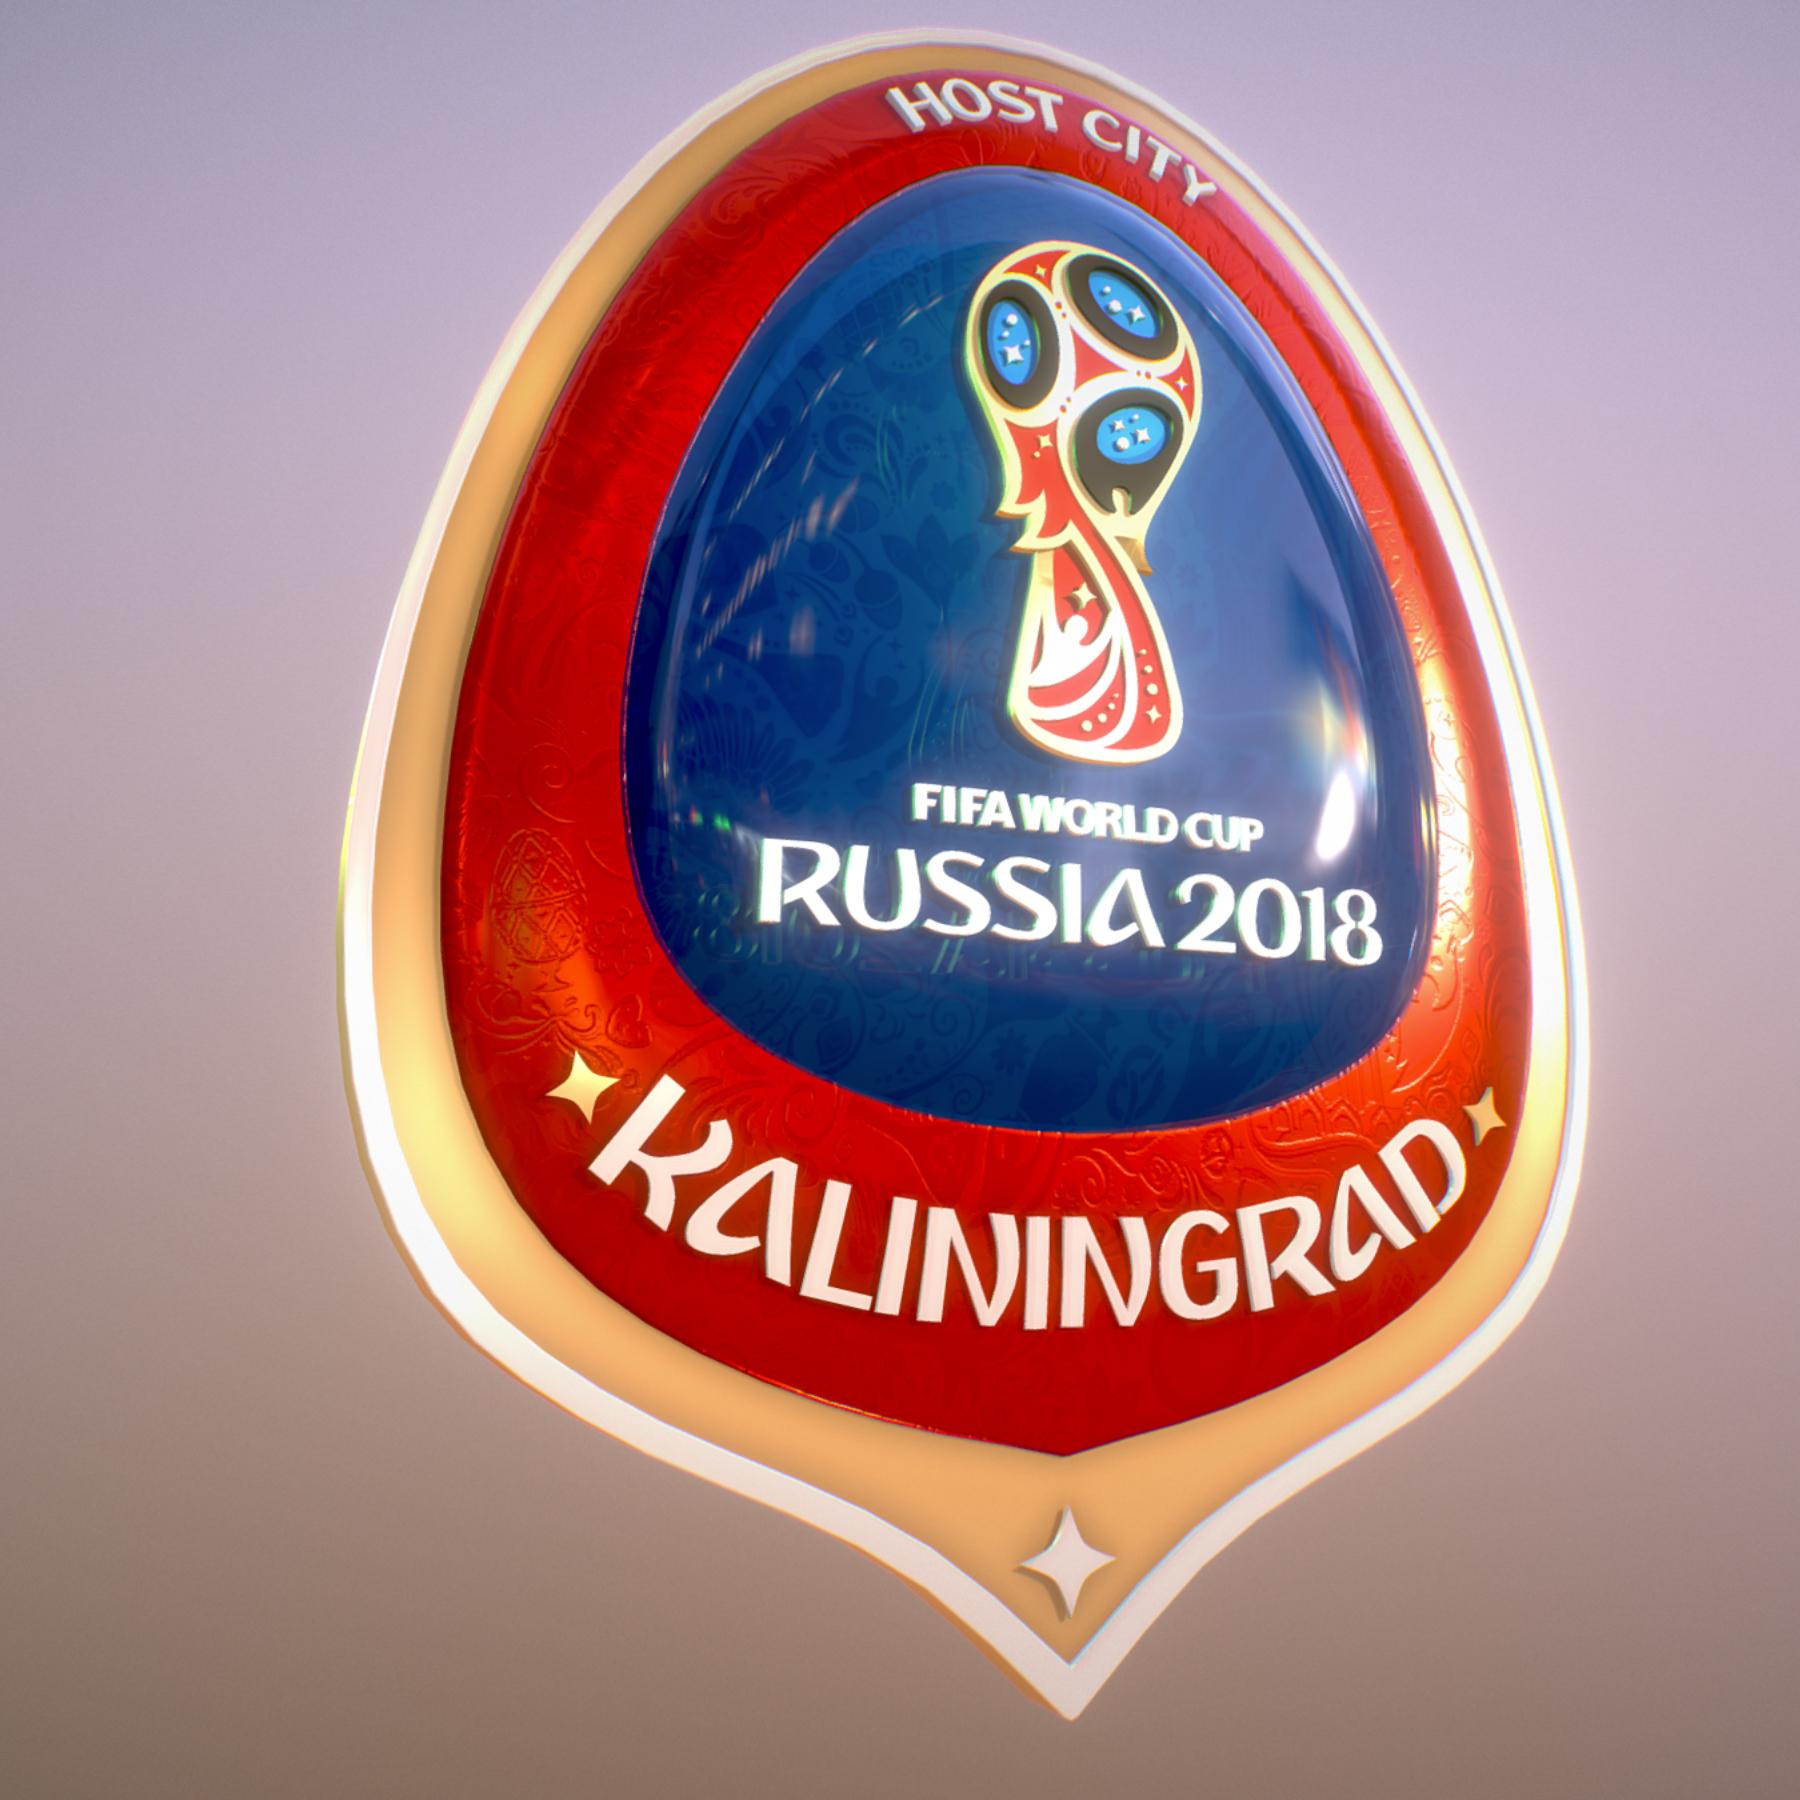 Kaliningrad City World Cup Russia 2018 Symbol 3d model max 3ds max plugin fbx jpeg ma mb obj 271748